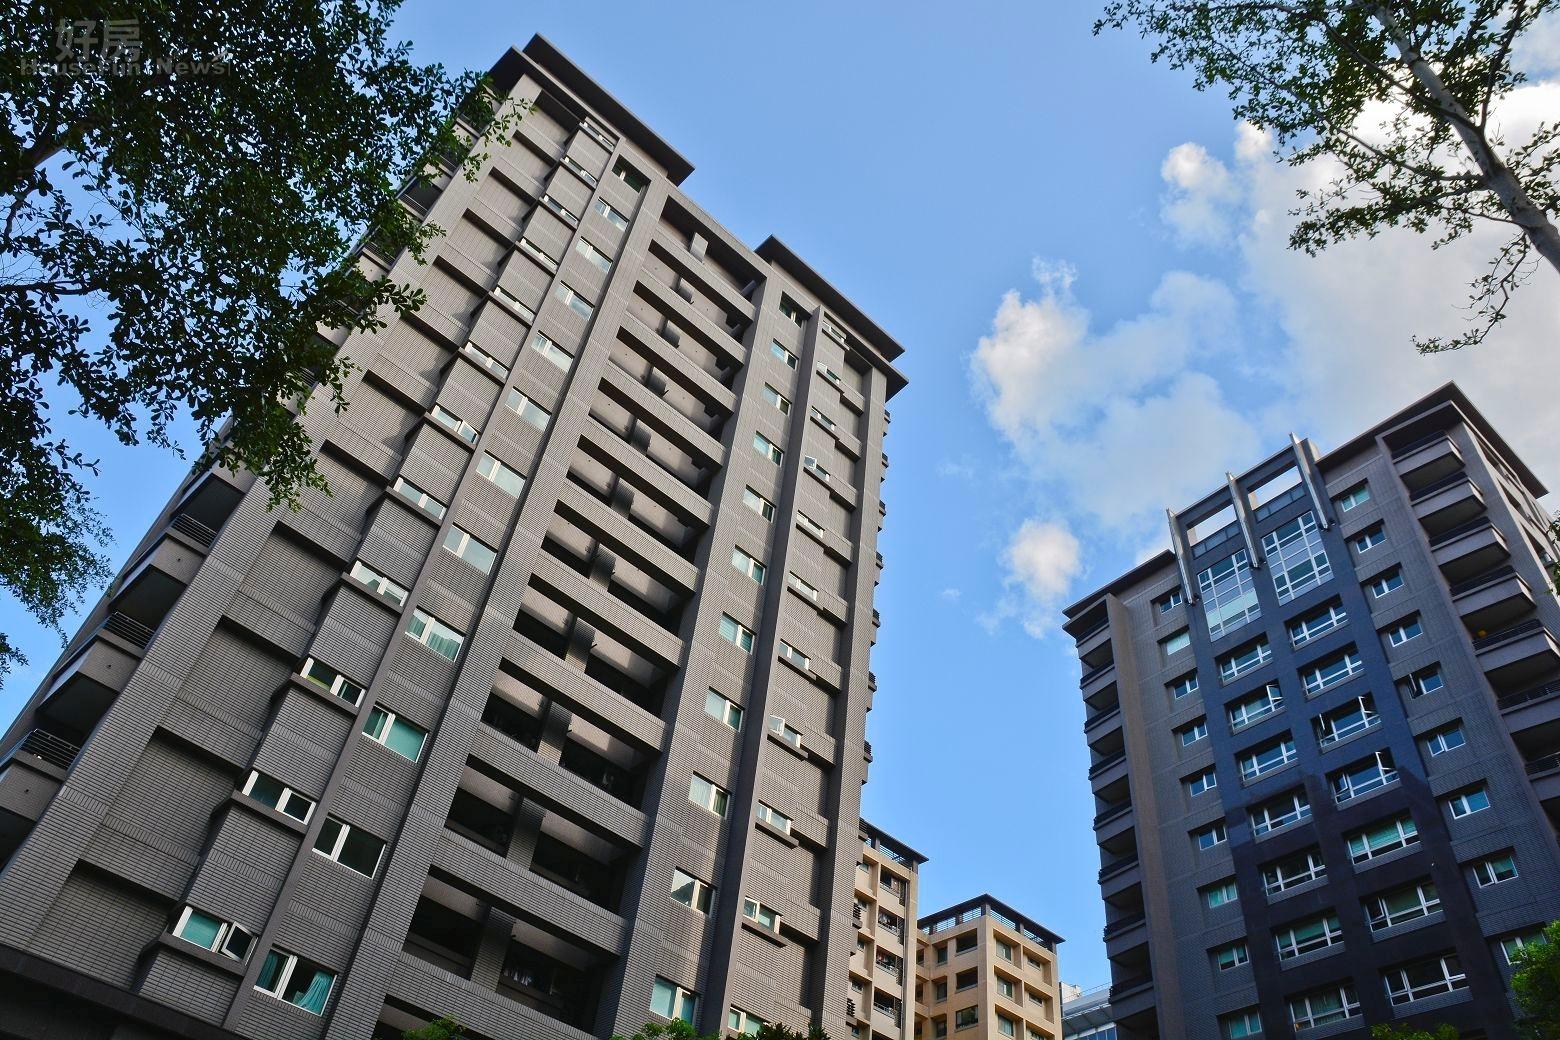 南港區R13重劃區大樓住宅情境照。(好房News記者 陳韋帆/攝影)